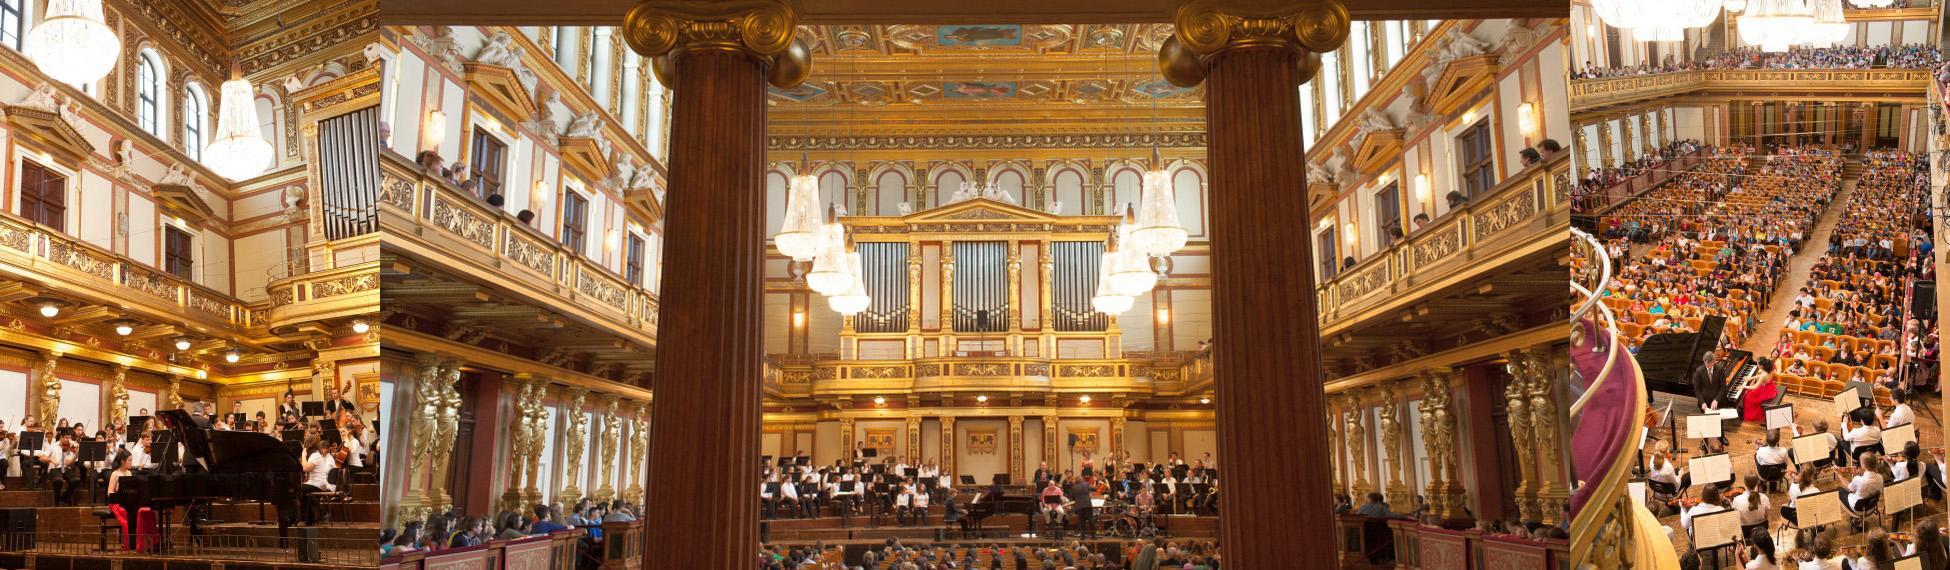 FEURICH Mod. 218 - Concert I, Wiener Musikverein